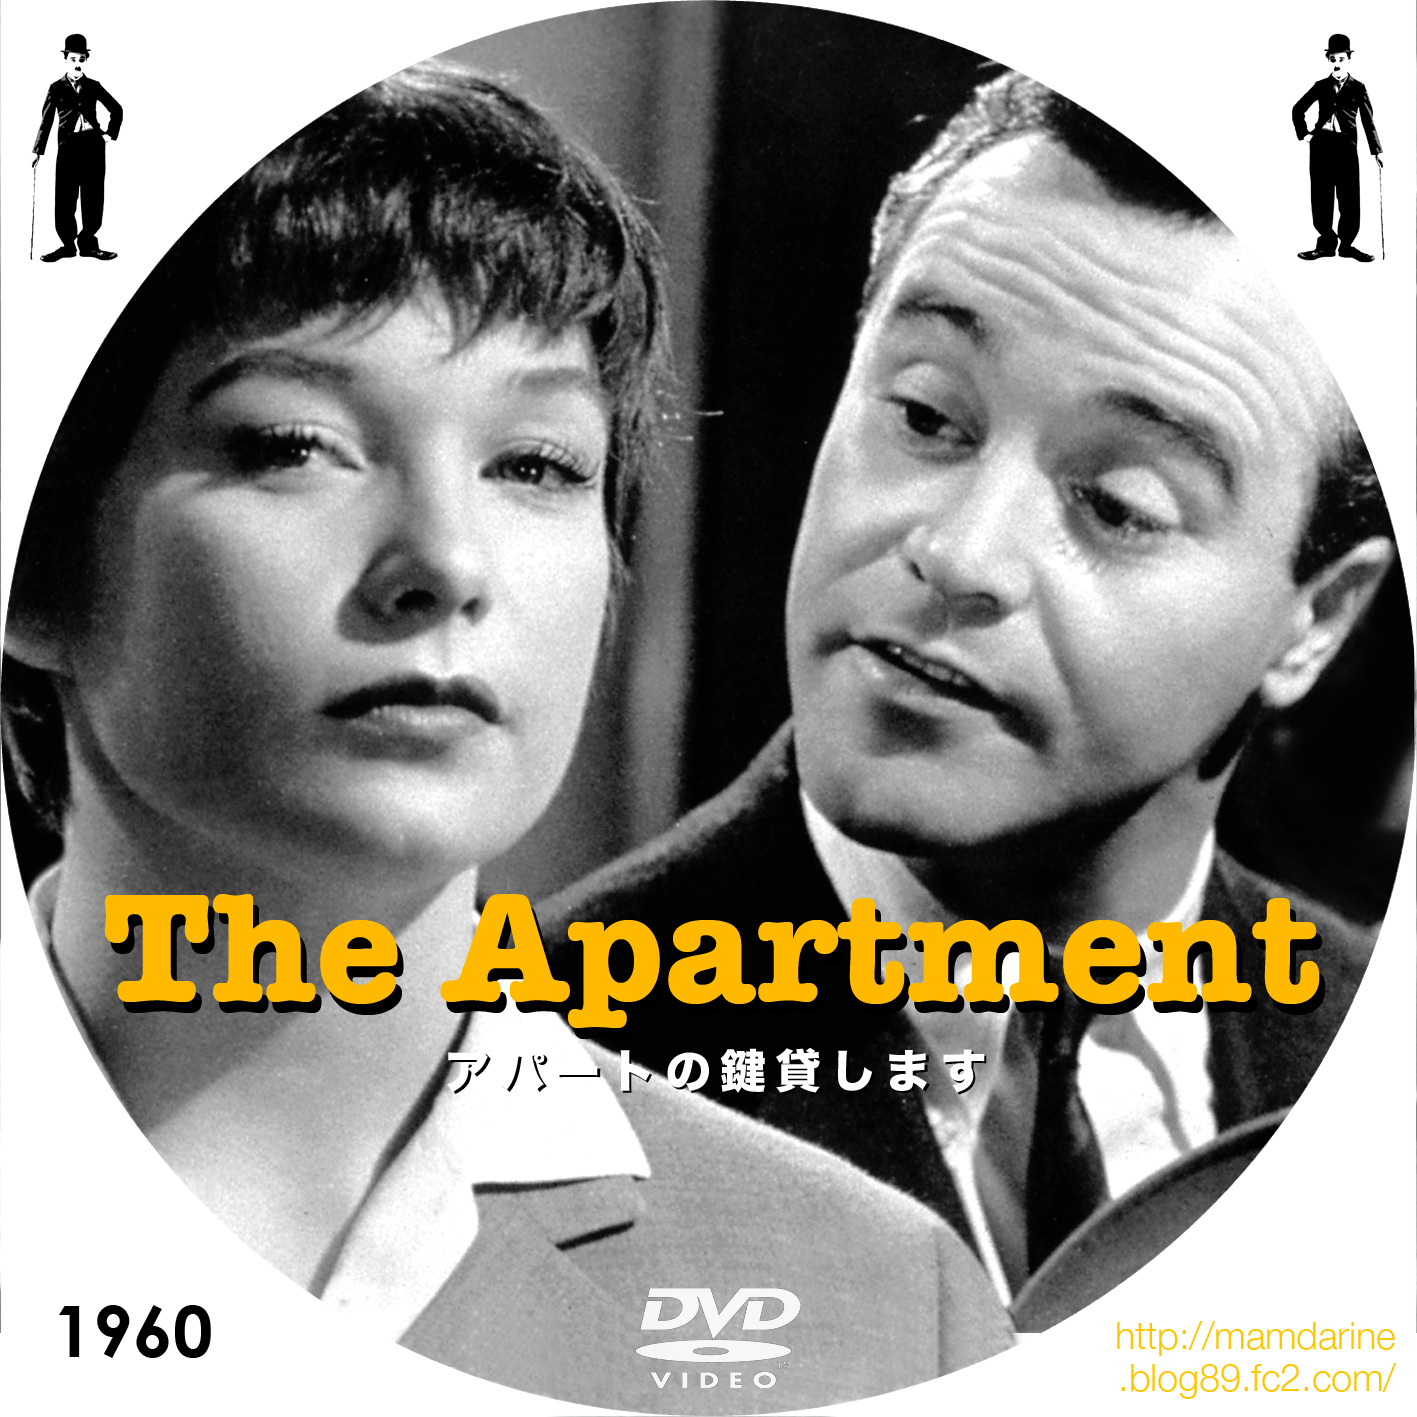 アパート の 鍵 貸し ます 映画